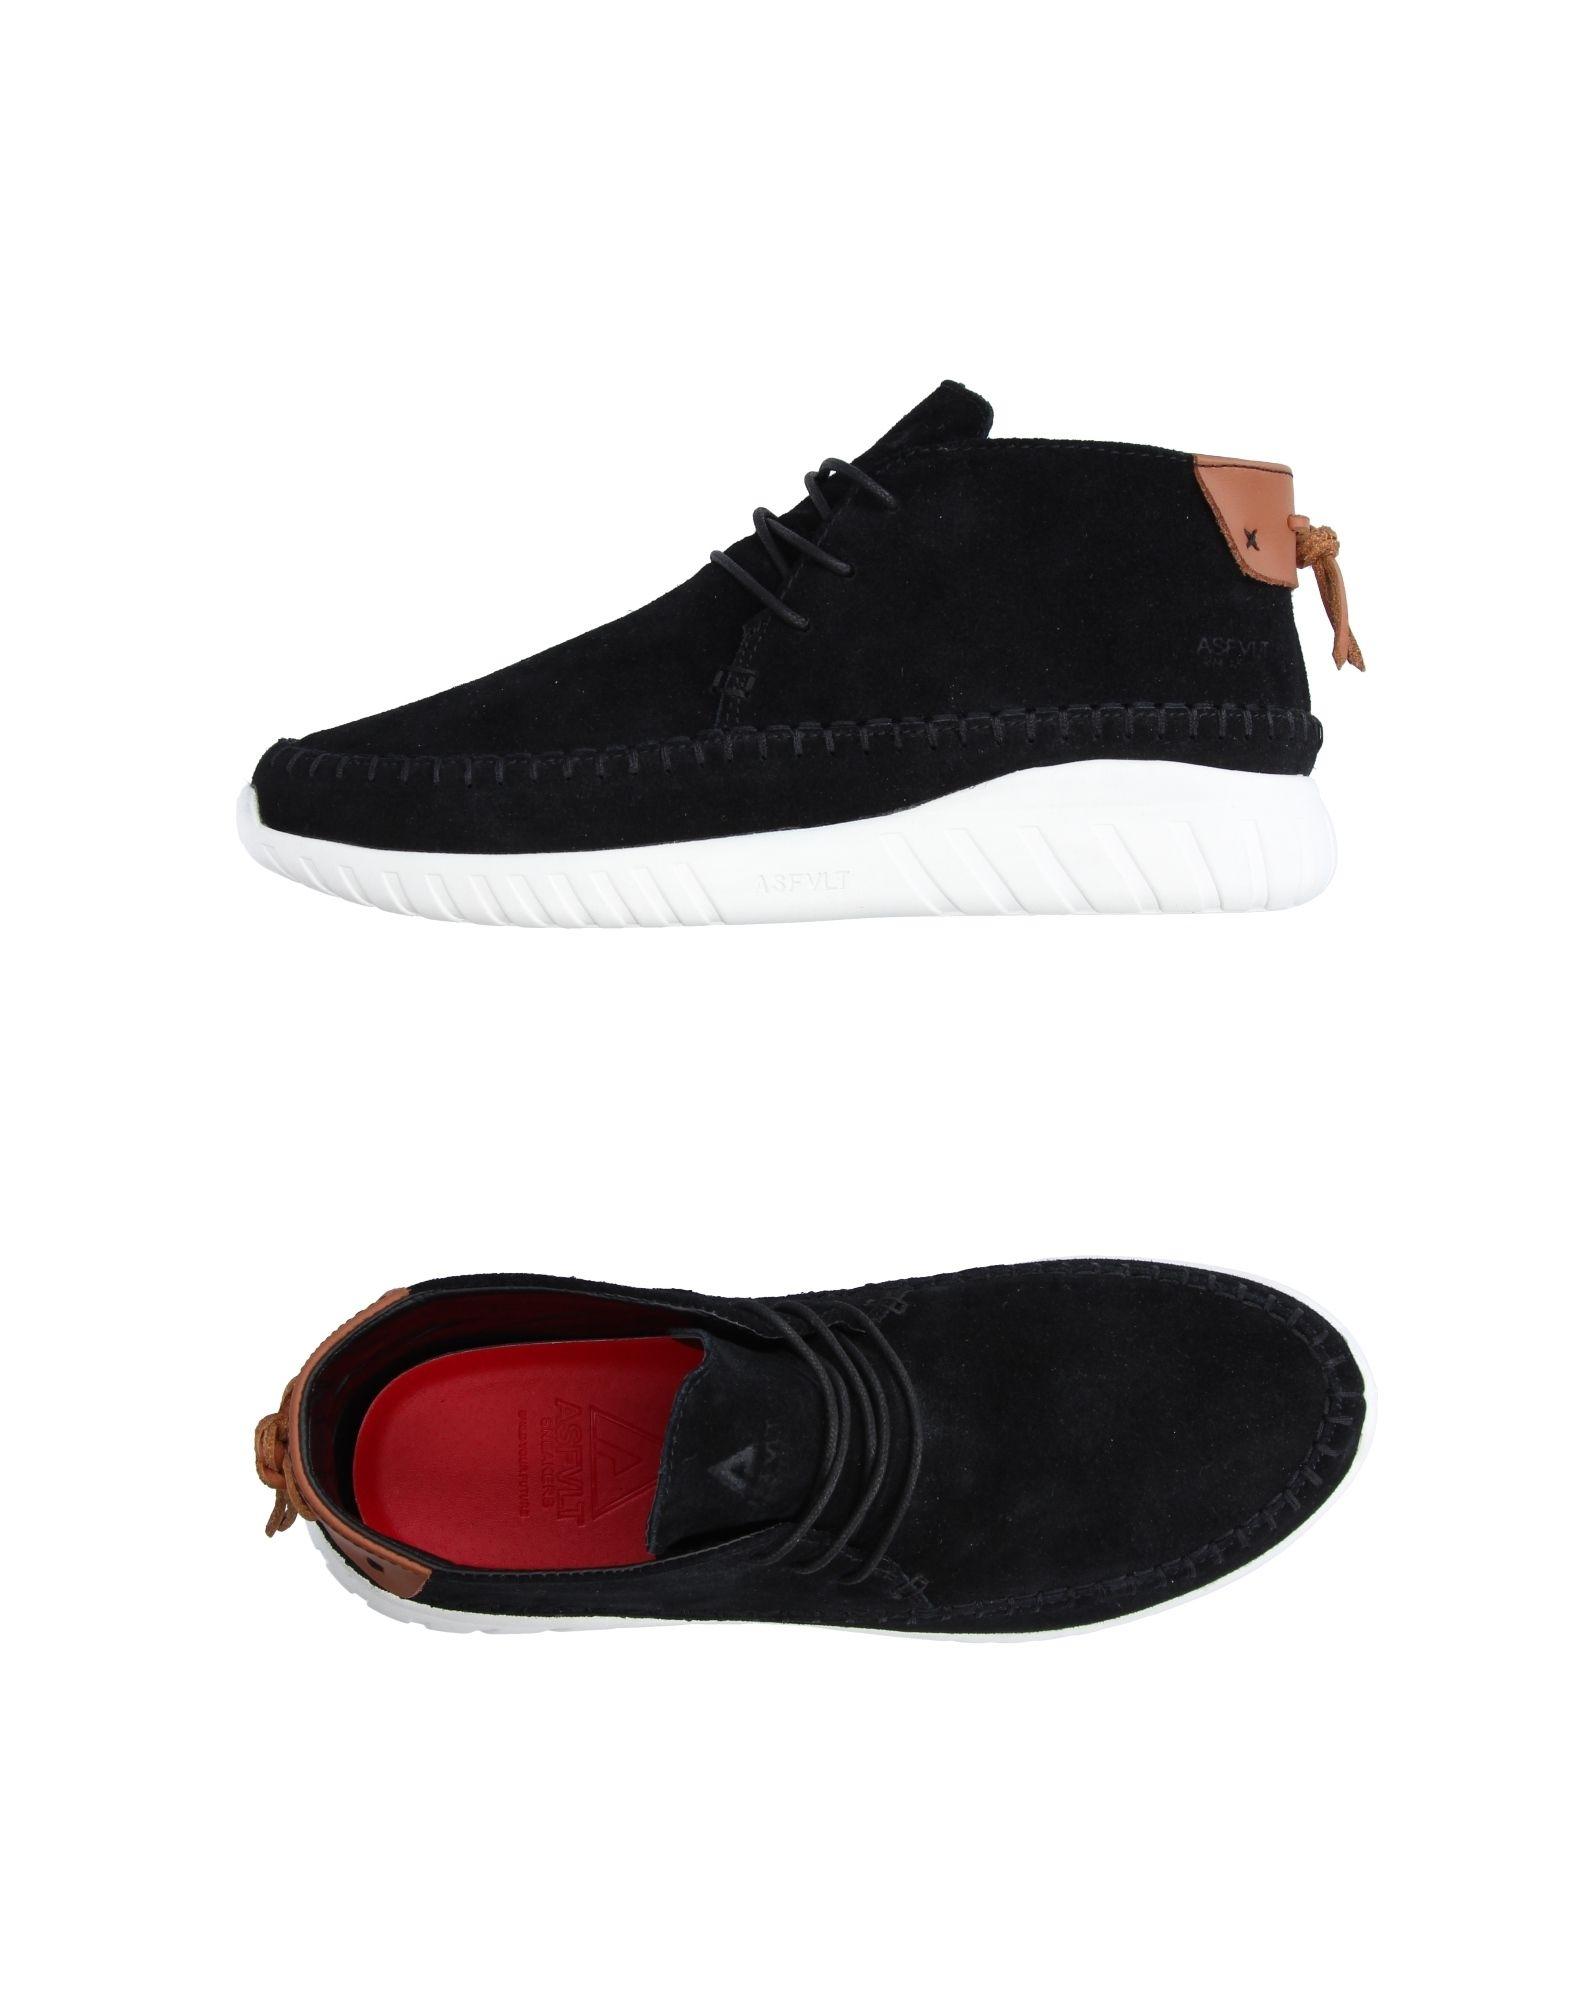 Moda Sneakers Sneakers Moda Asfvlt Uomo - 11230439QW 1234e6